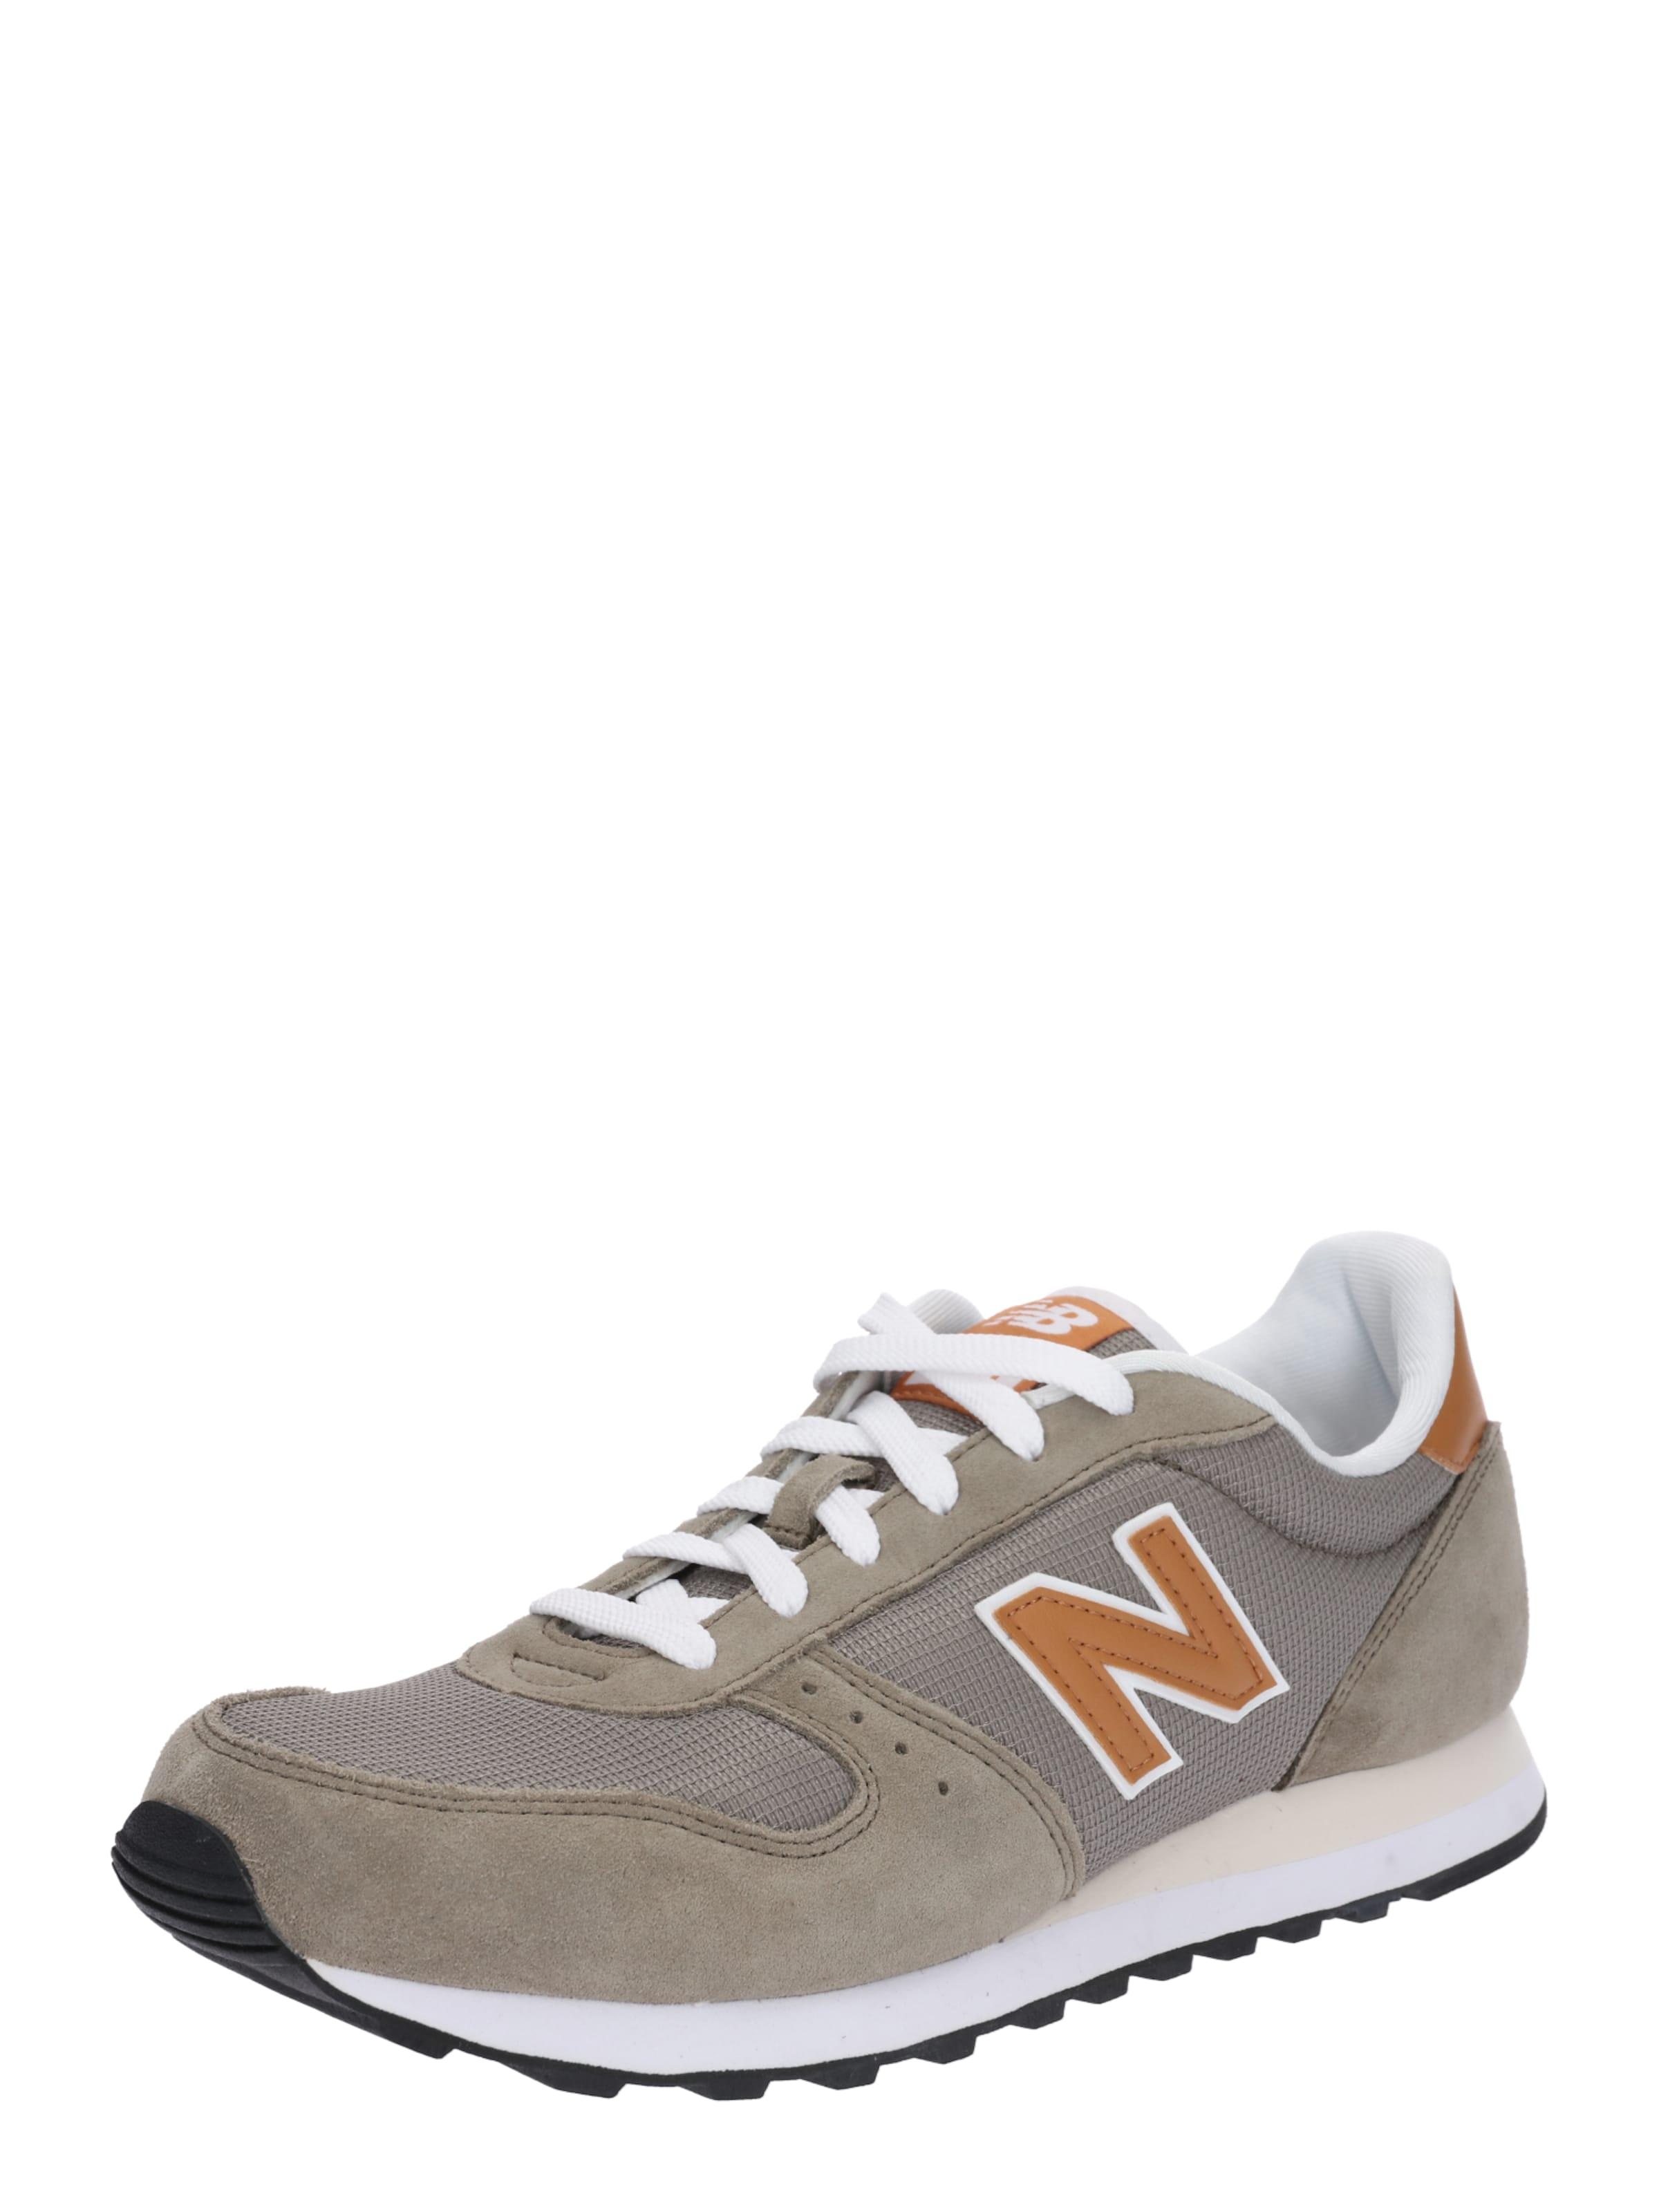 StoneOrange New Balance In Sneaker 'ml311' pSUzMV